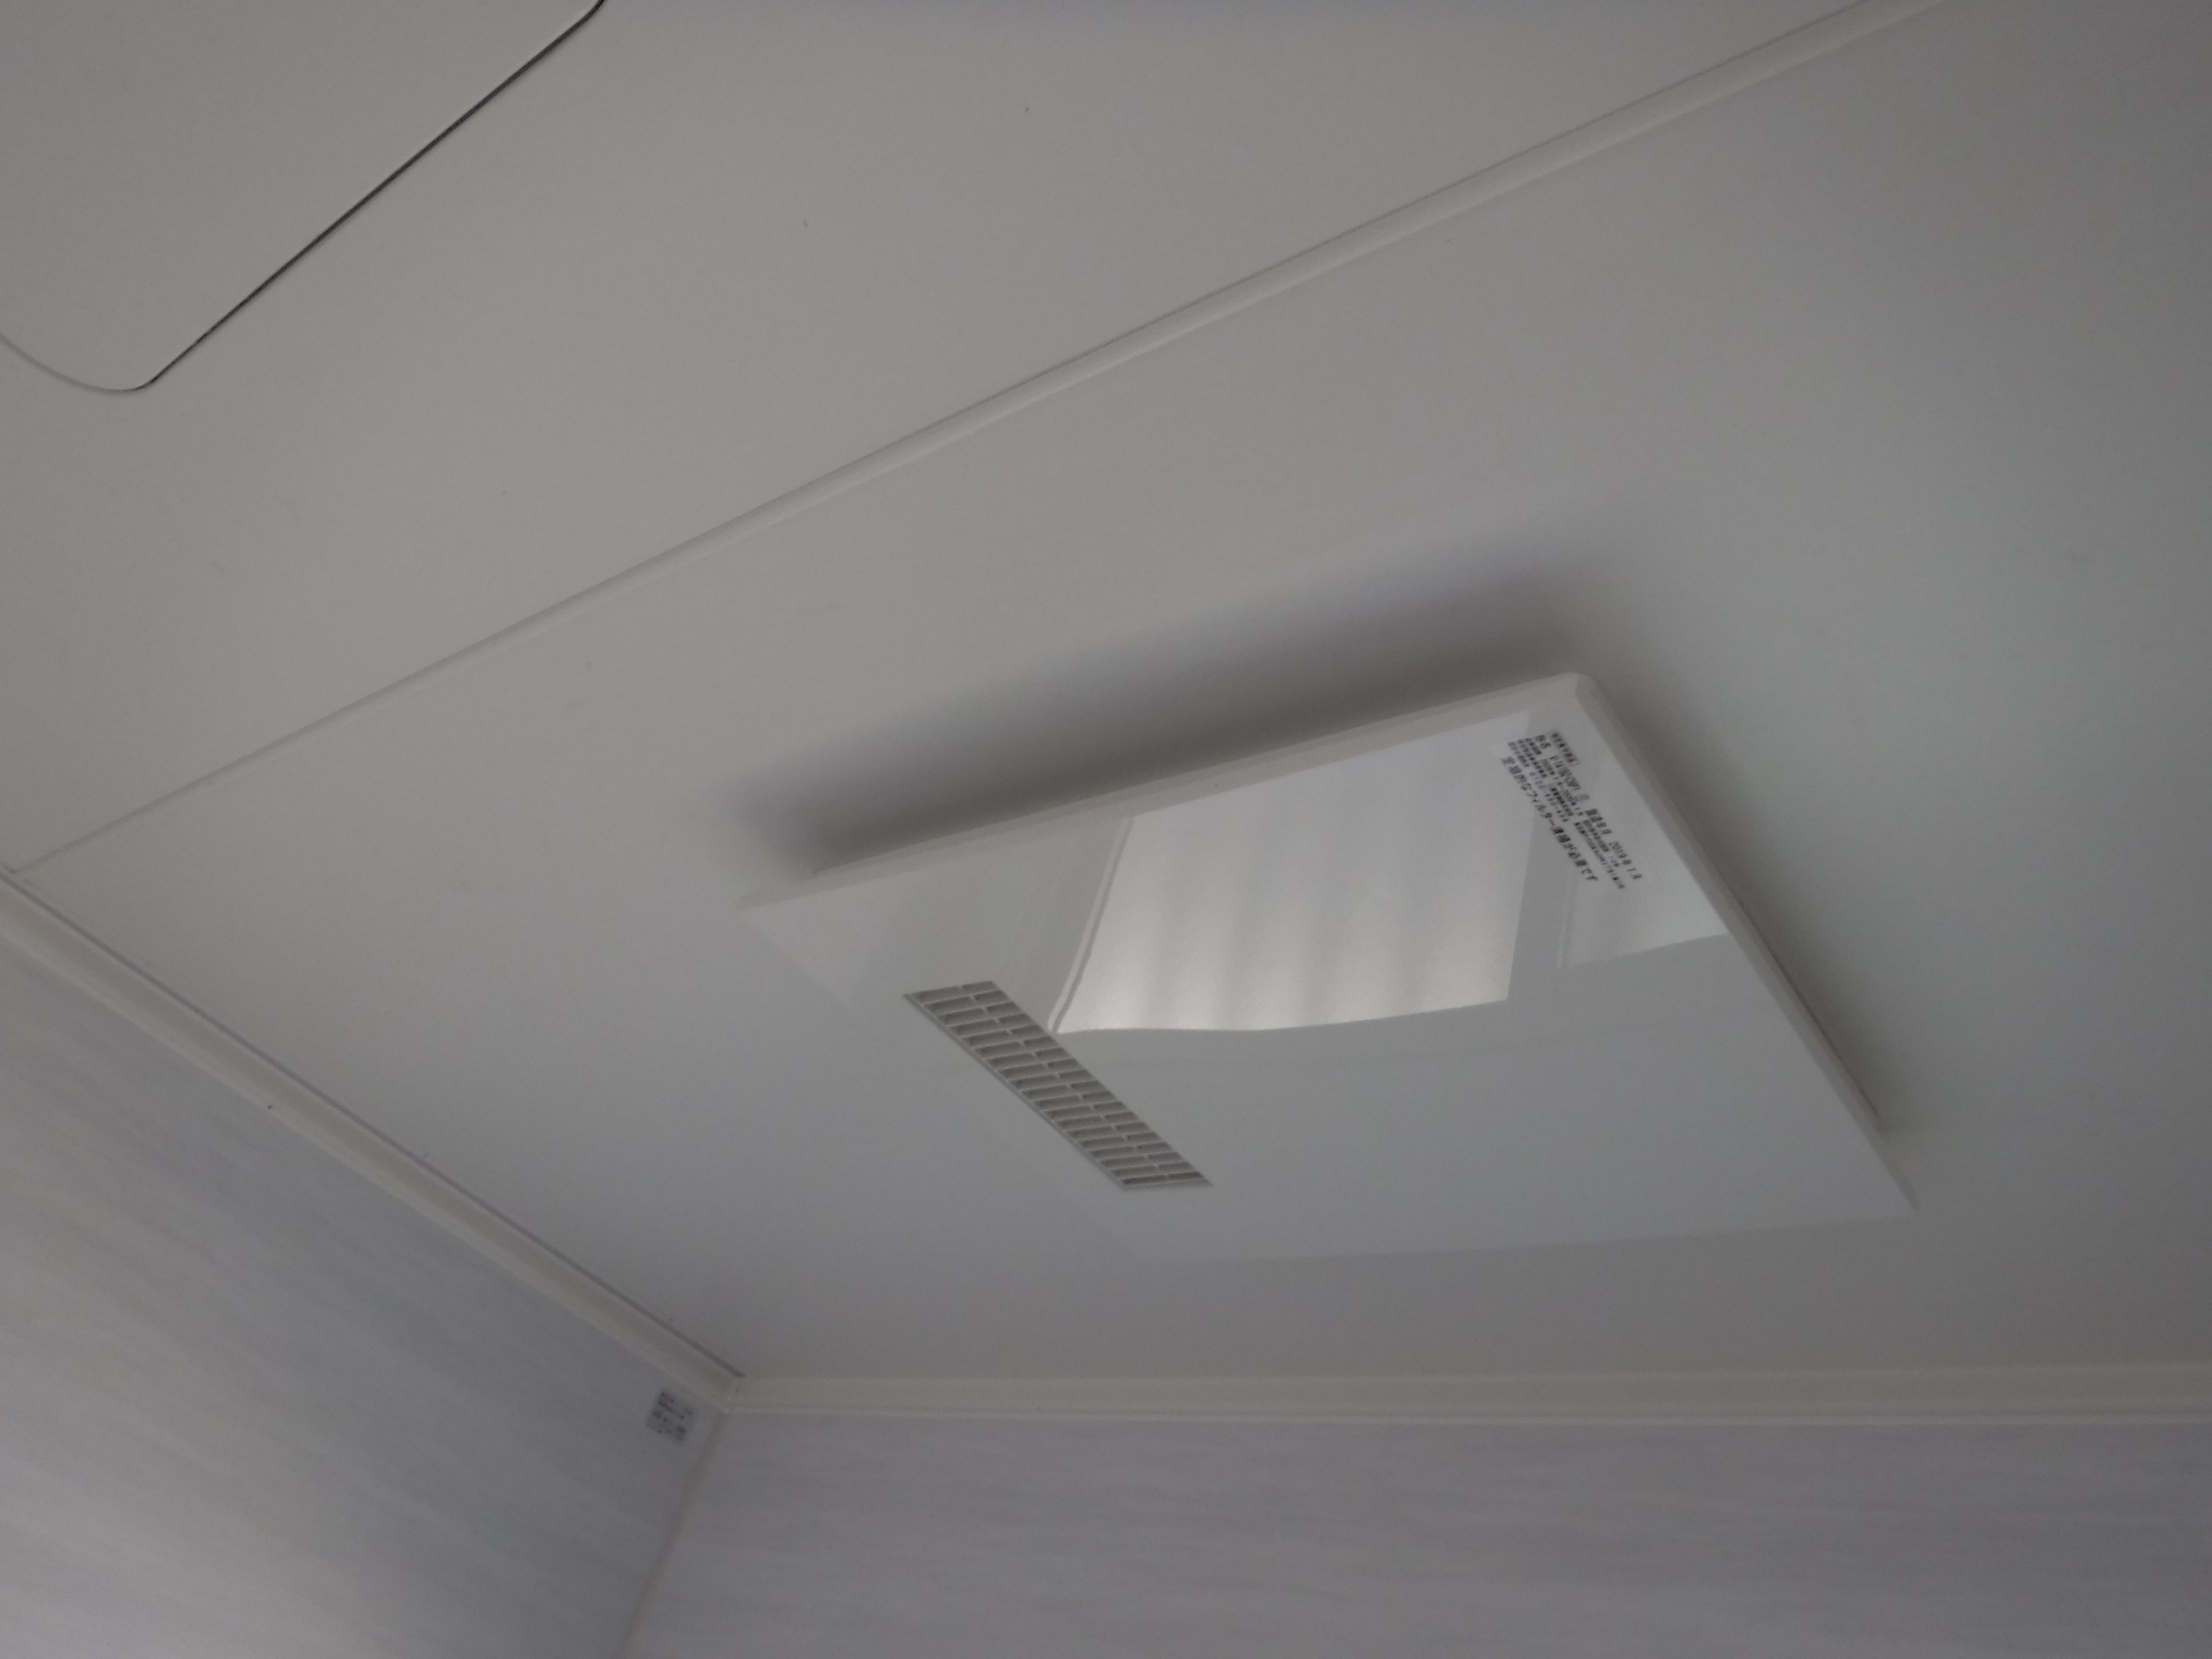 この家で暮らしていくしか・・・ システムバスに!数年後 暖房換気扇